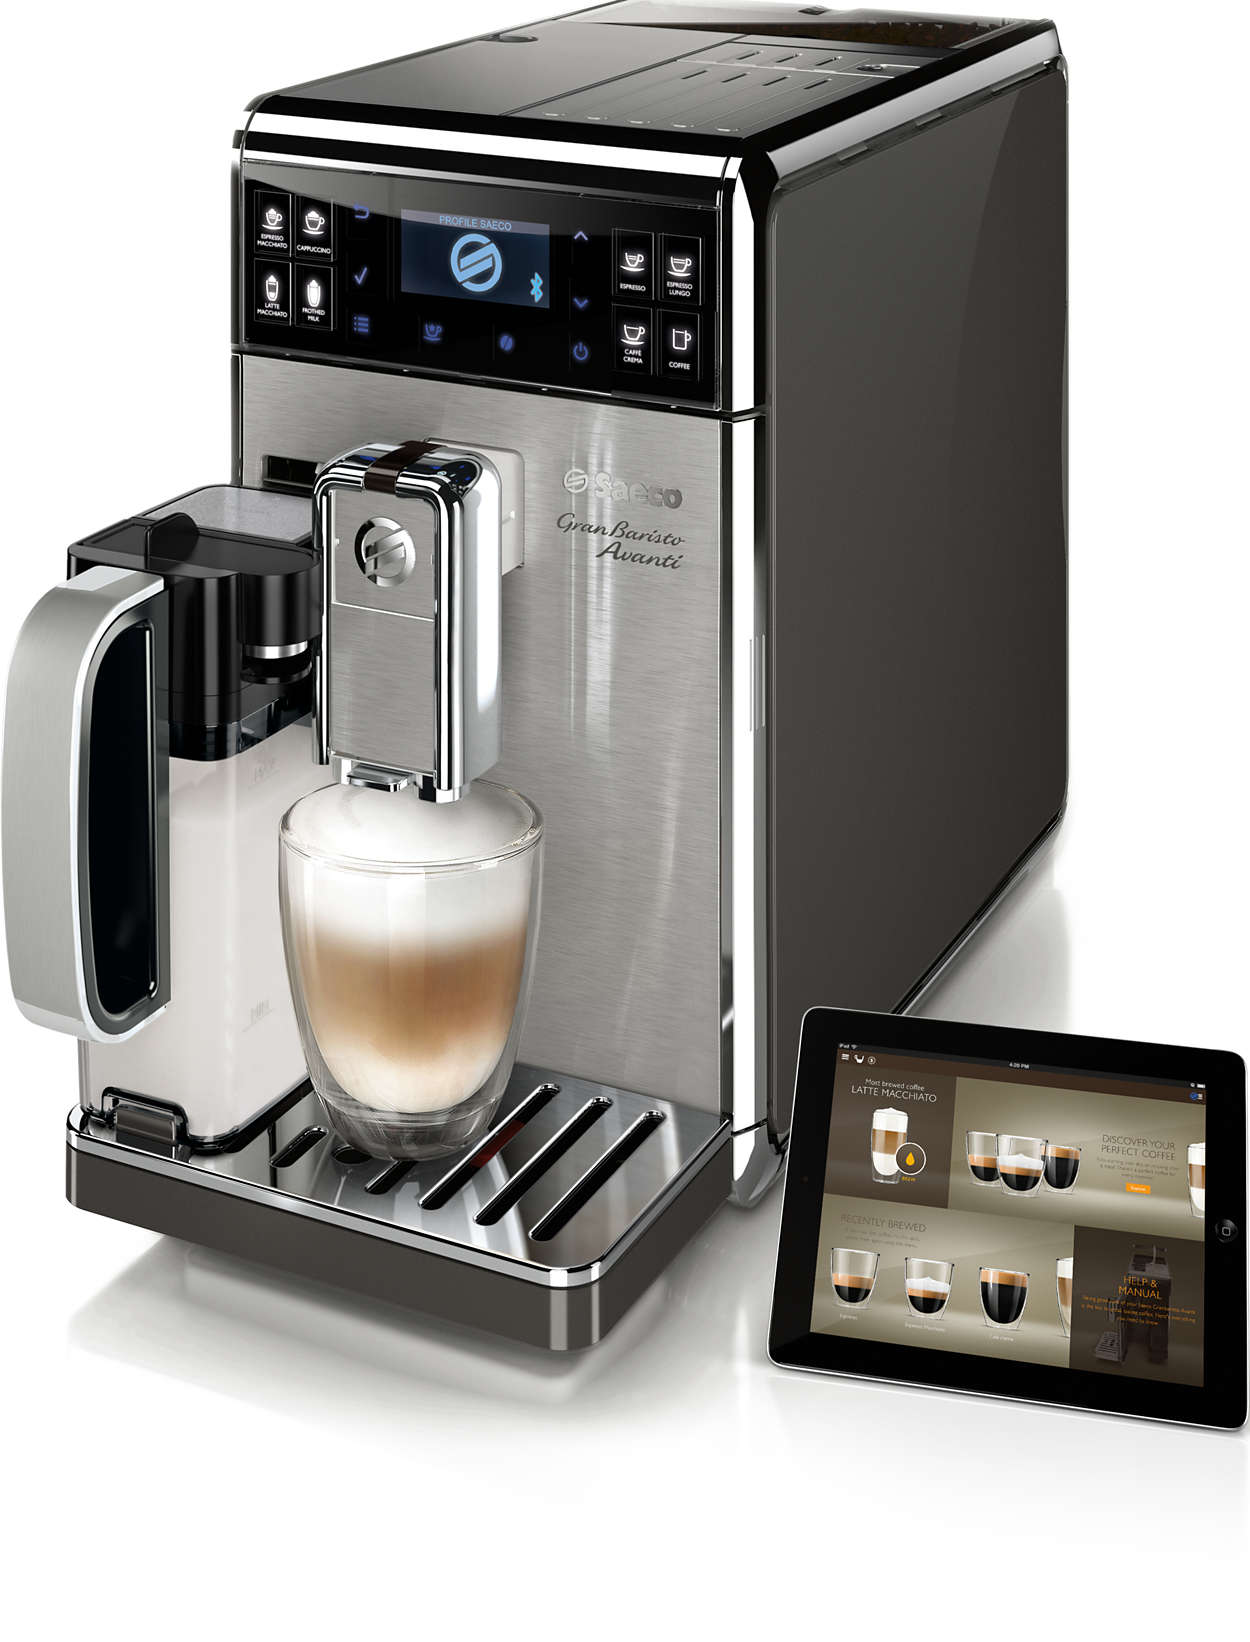 Najbardziej zaawansowana technologia parzenia kawy w domu